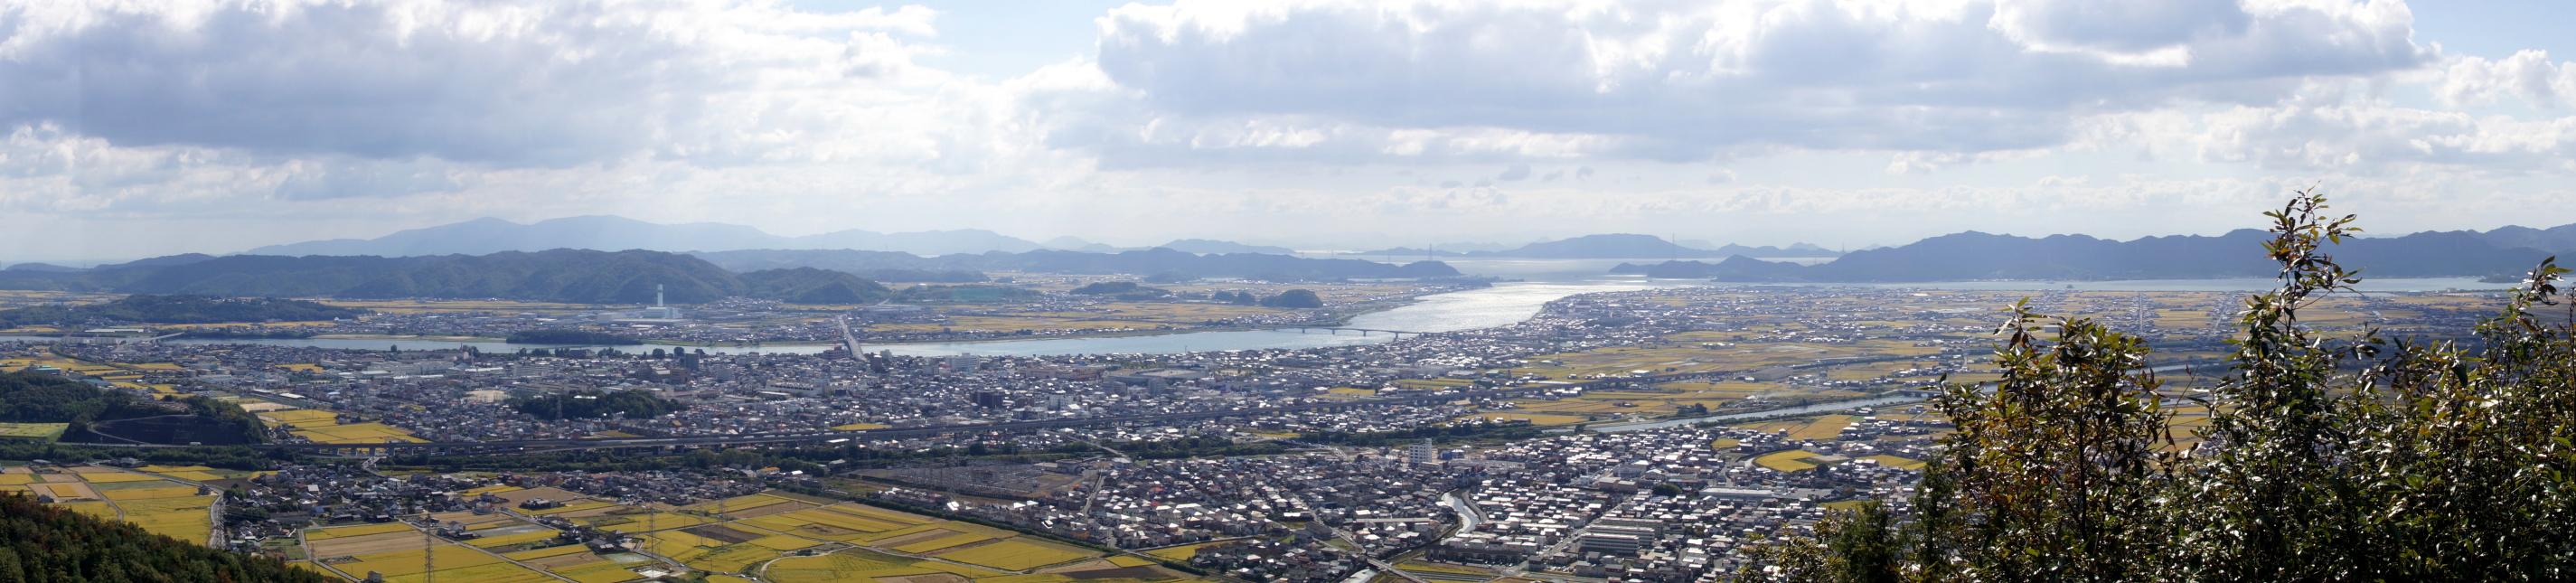 okayama-city-higashi-ward